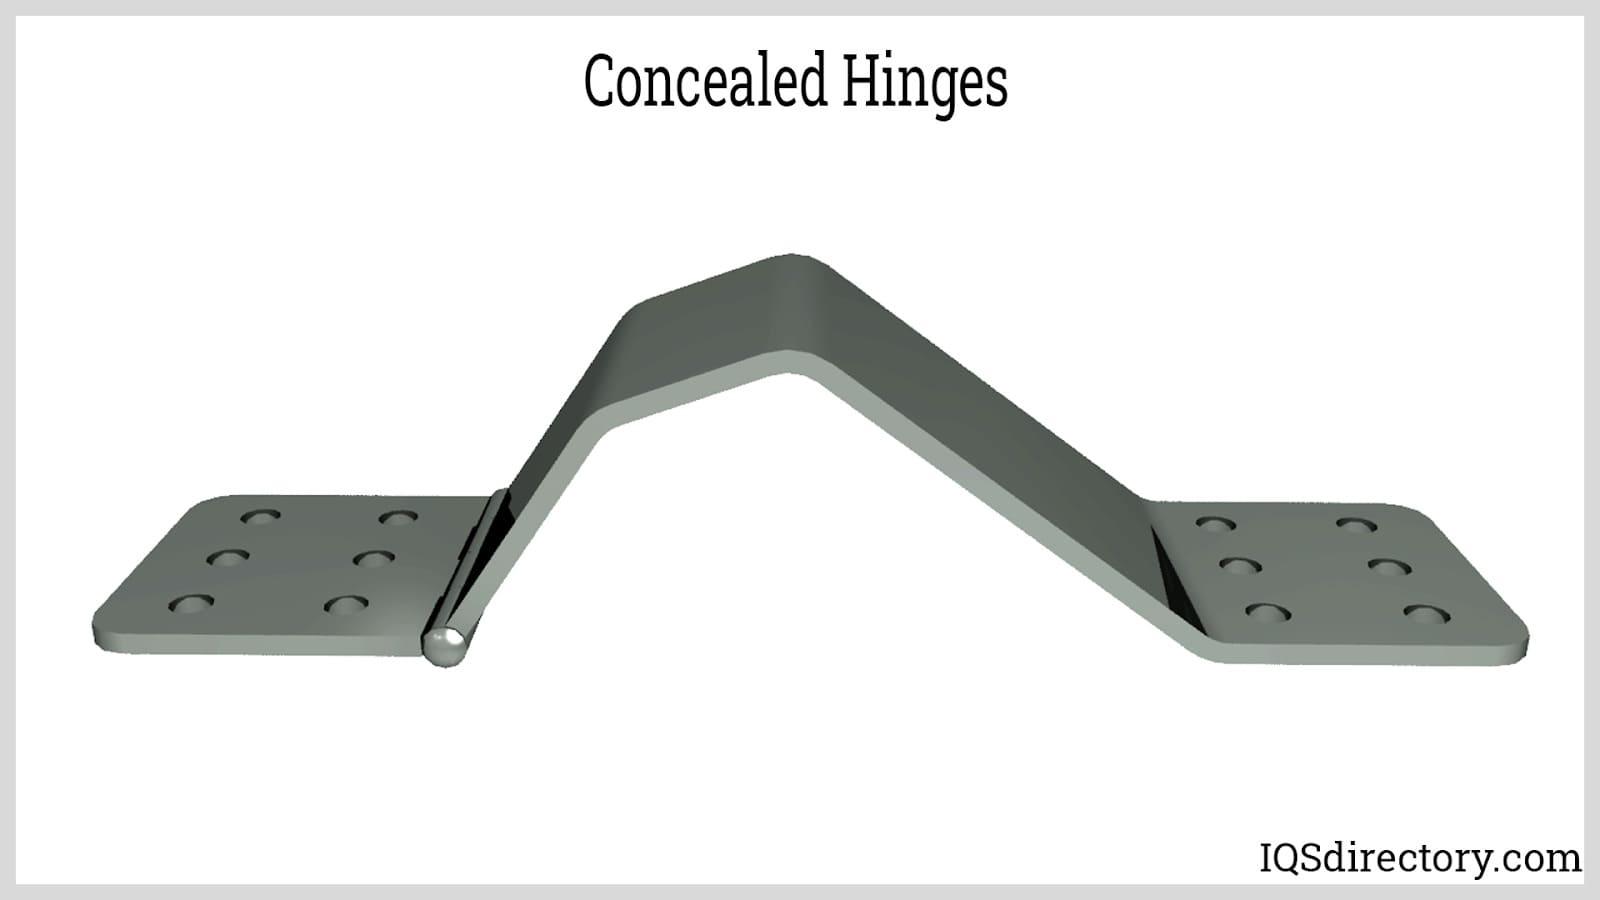 Concealed Hinges